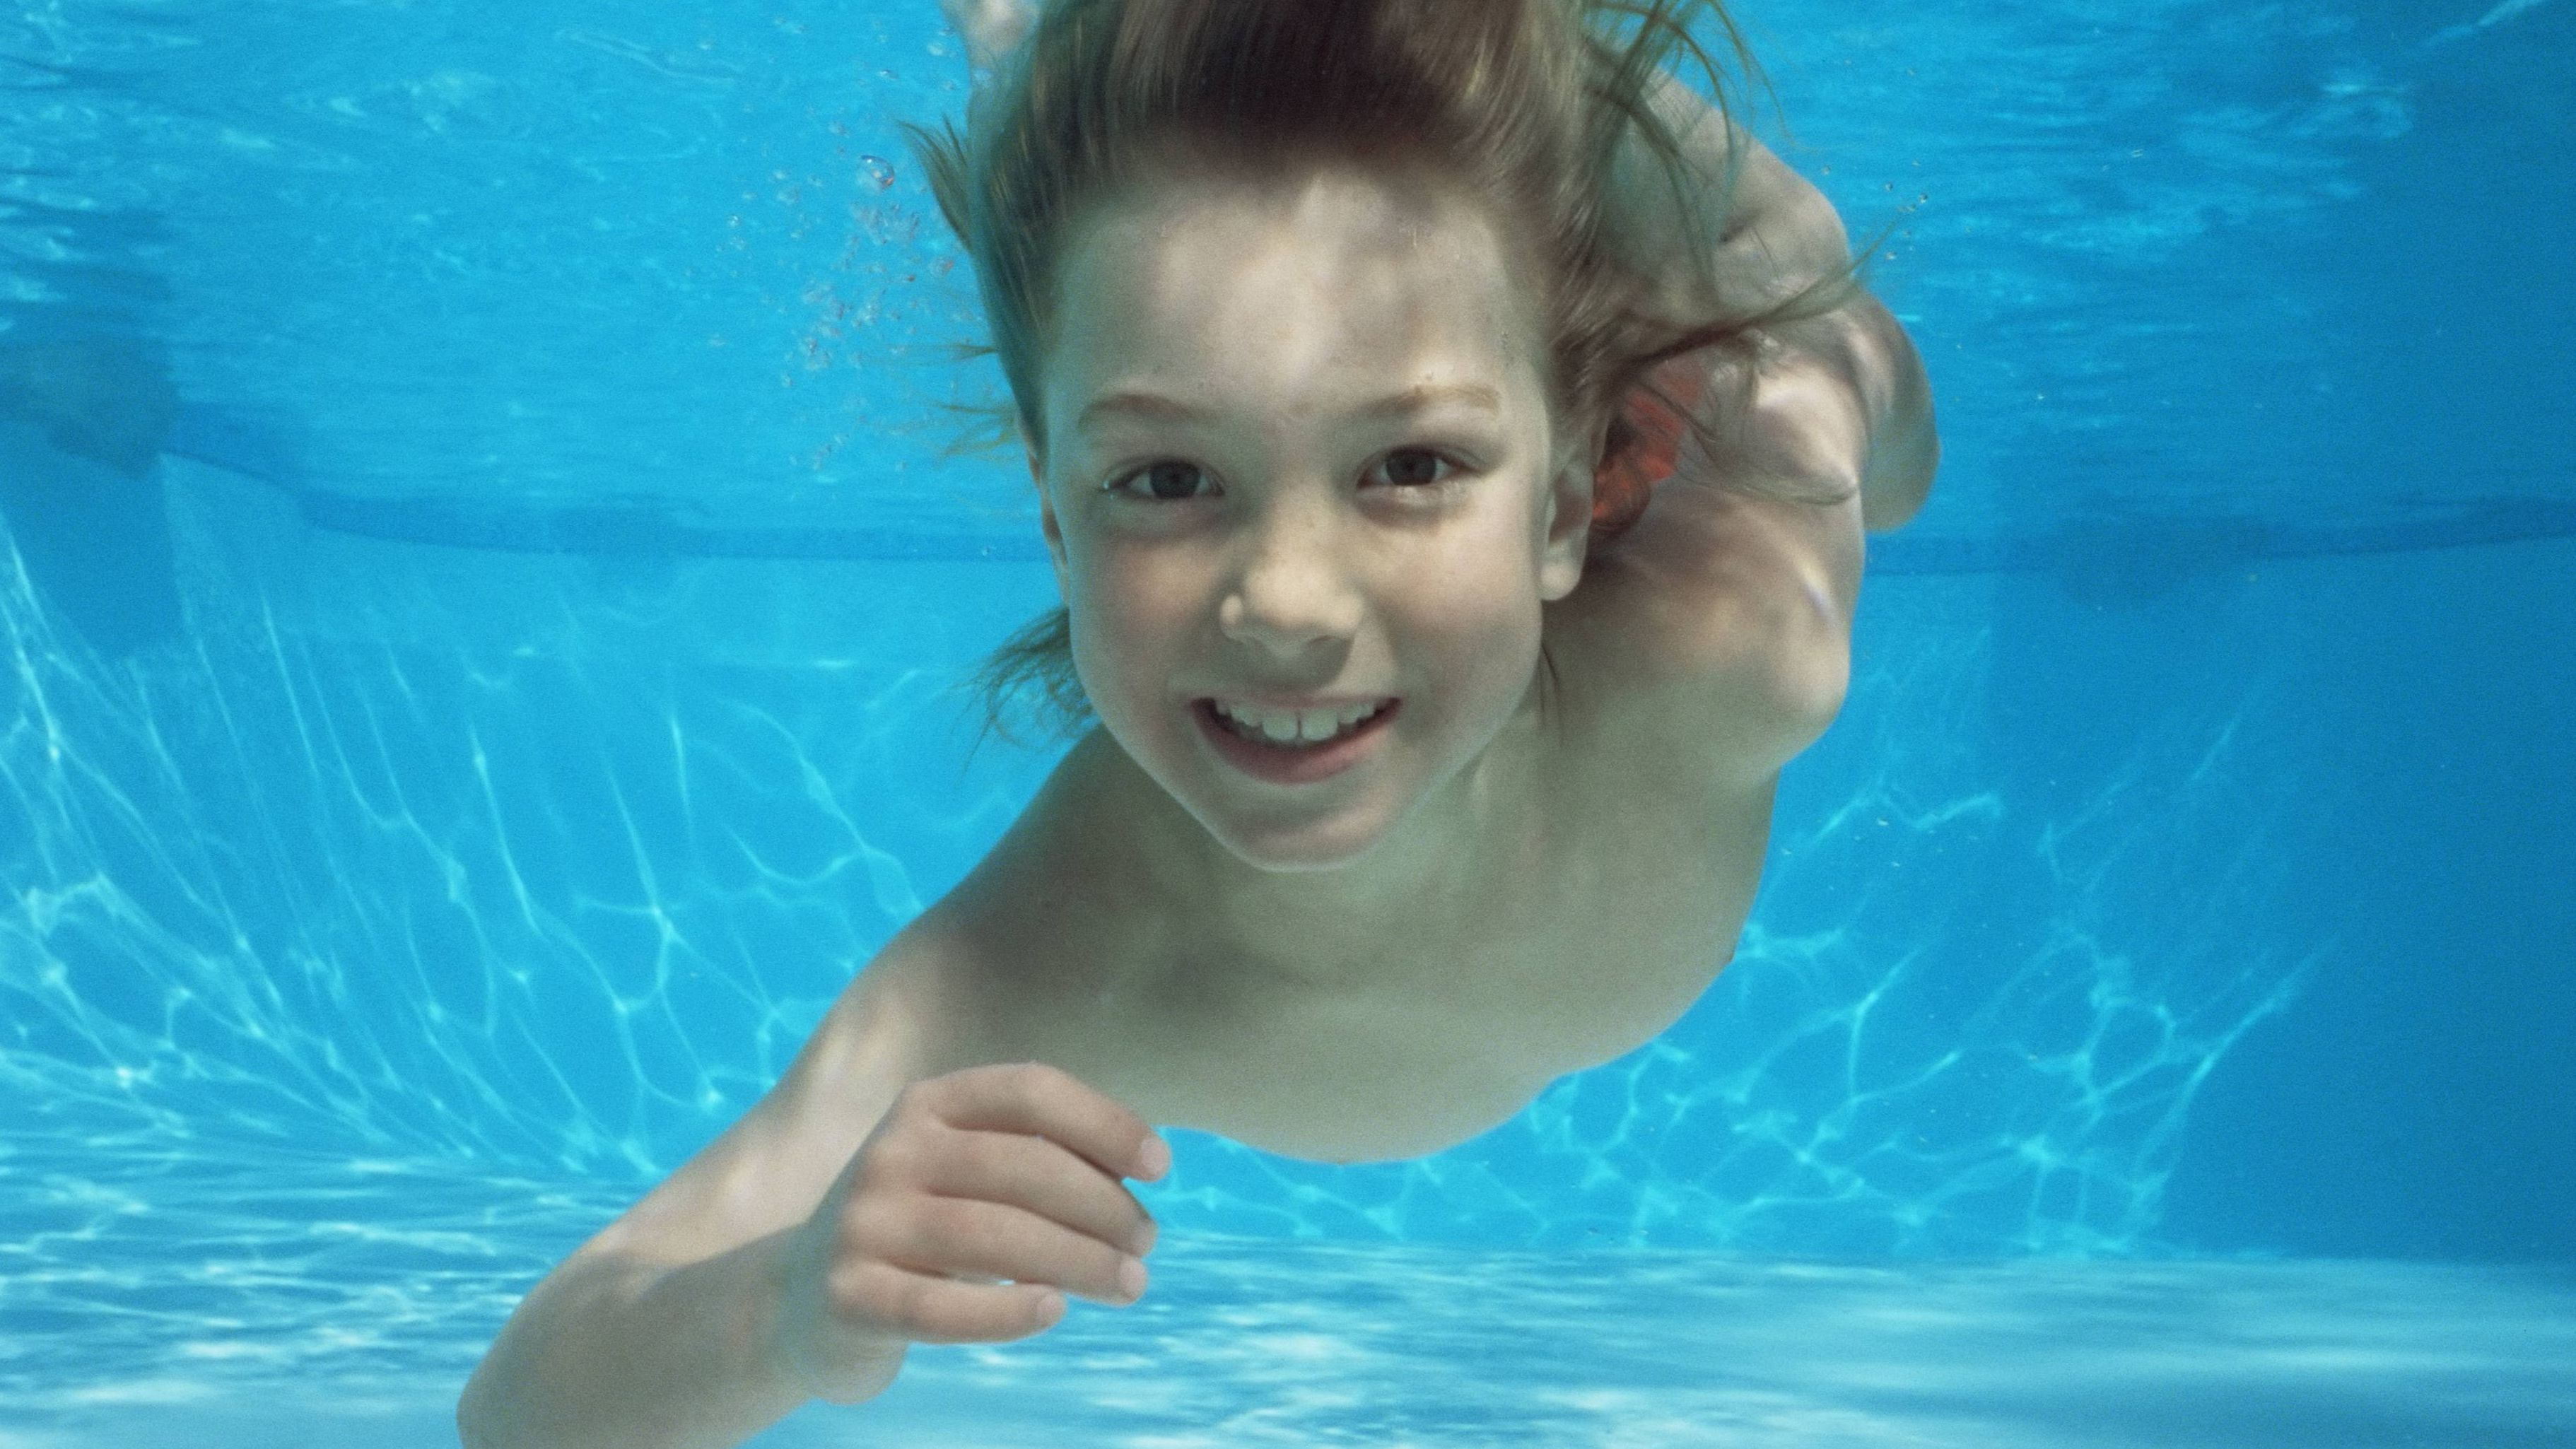 Ein Kind taucht in einem Pool, es lächelt in die Kamera.